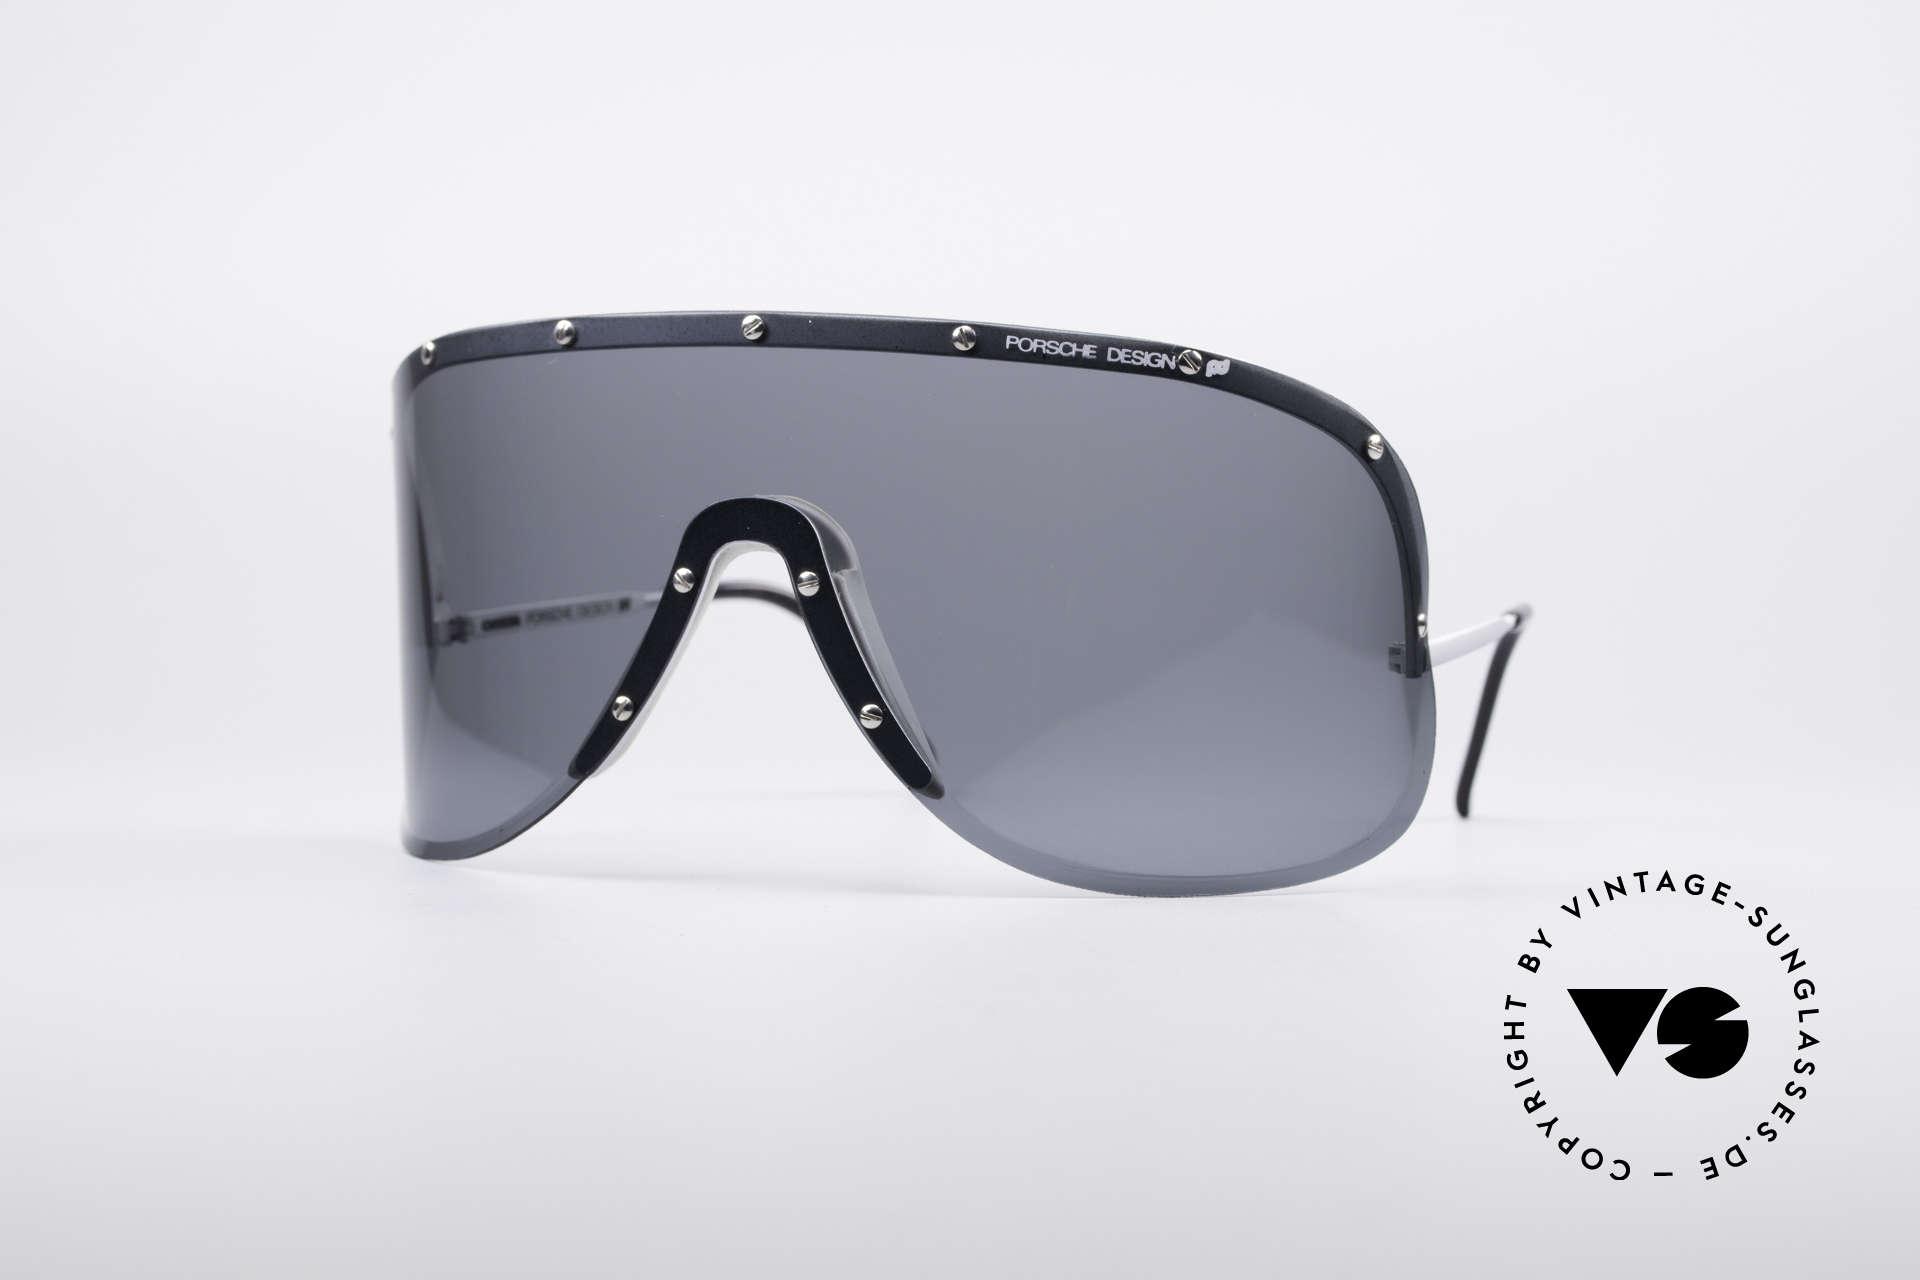 Sonnenbrillen Porsche 5620 Yoko Ono Sonnenbrille Vintage